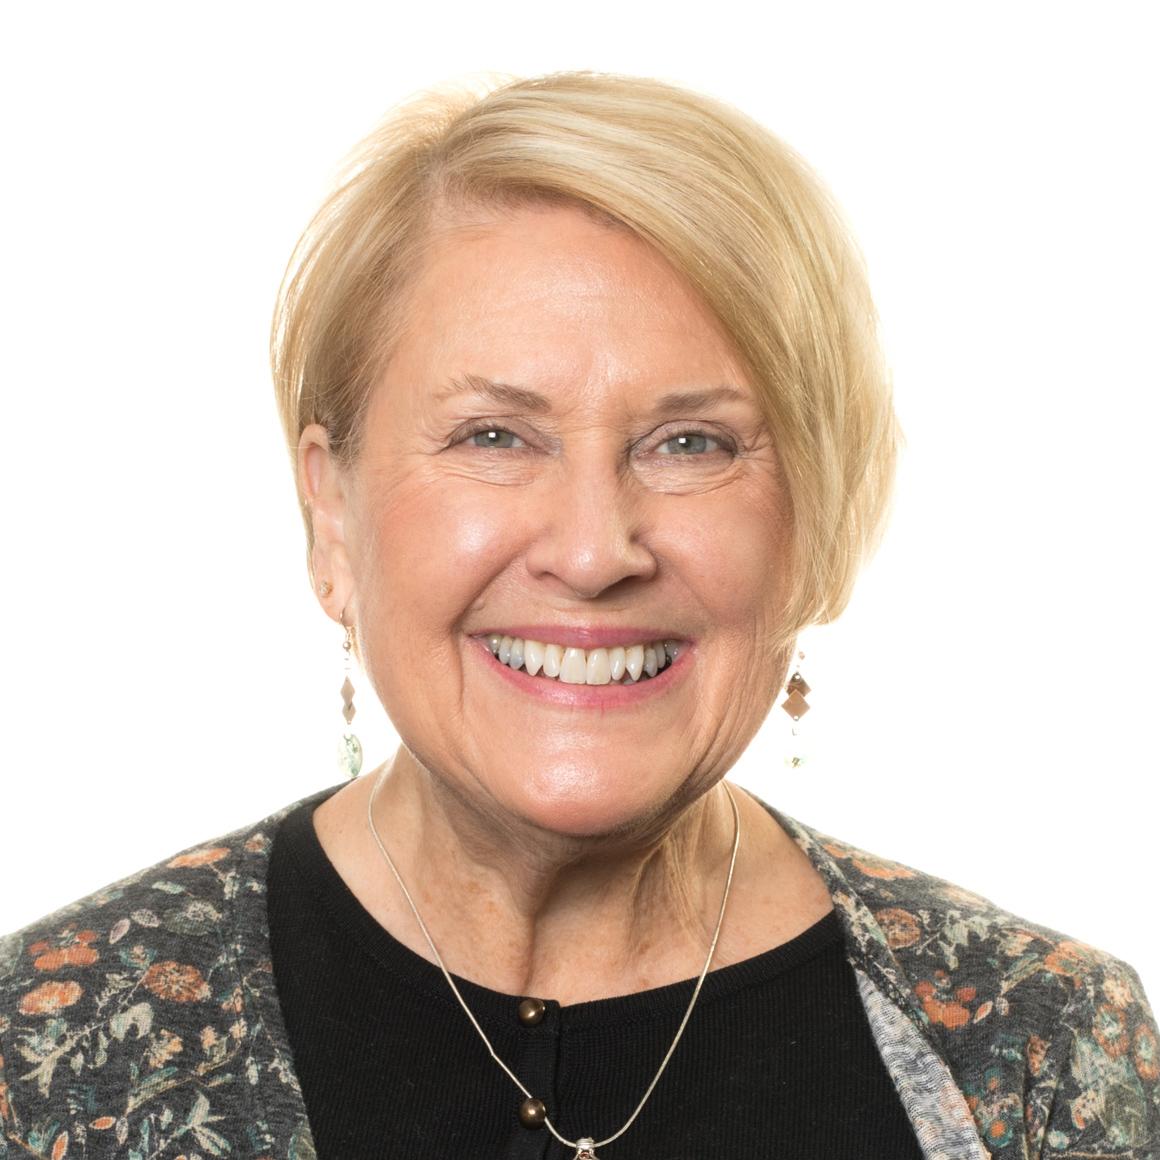 Toni Hensley